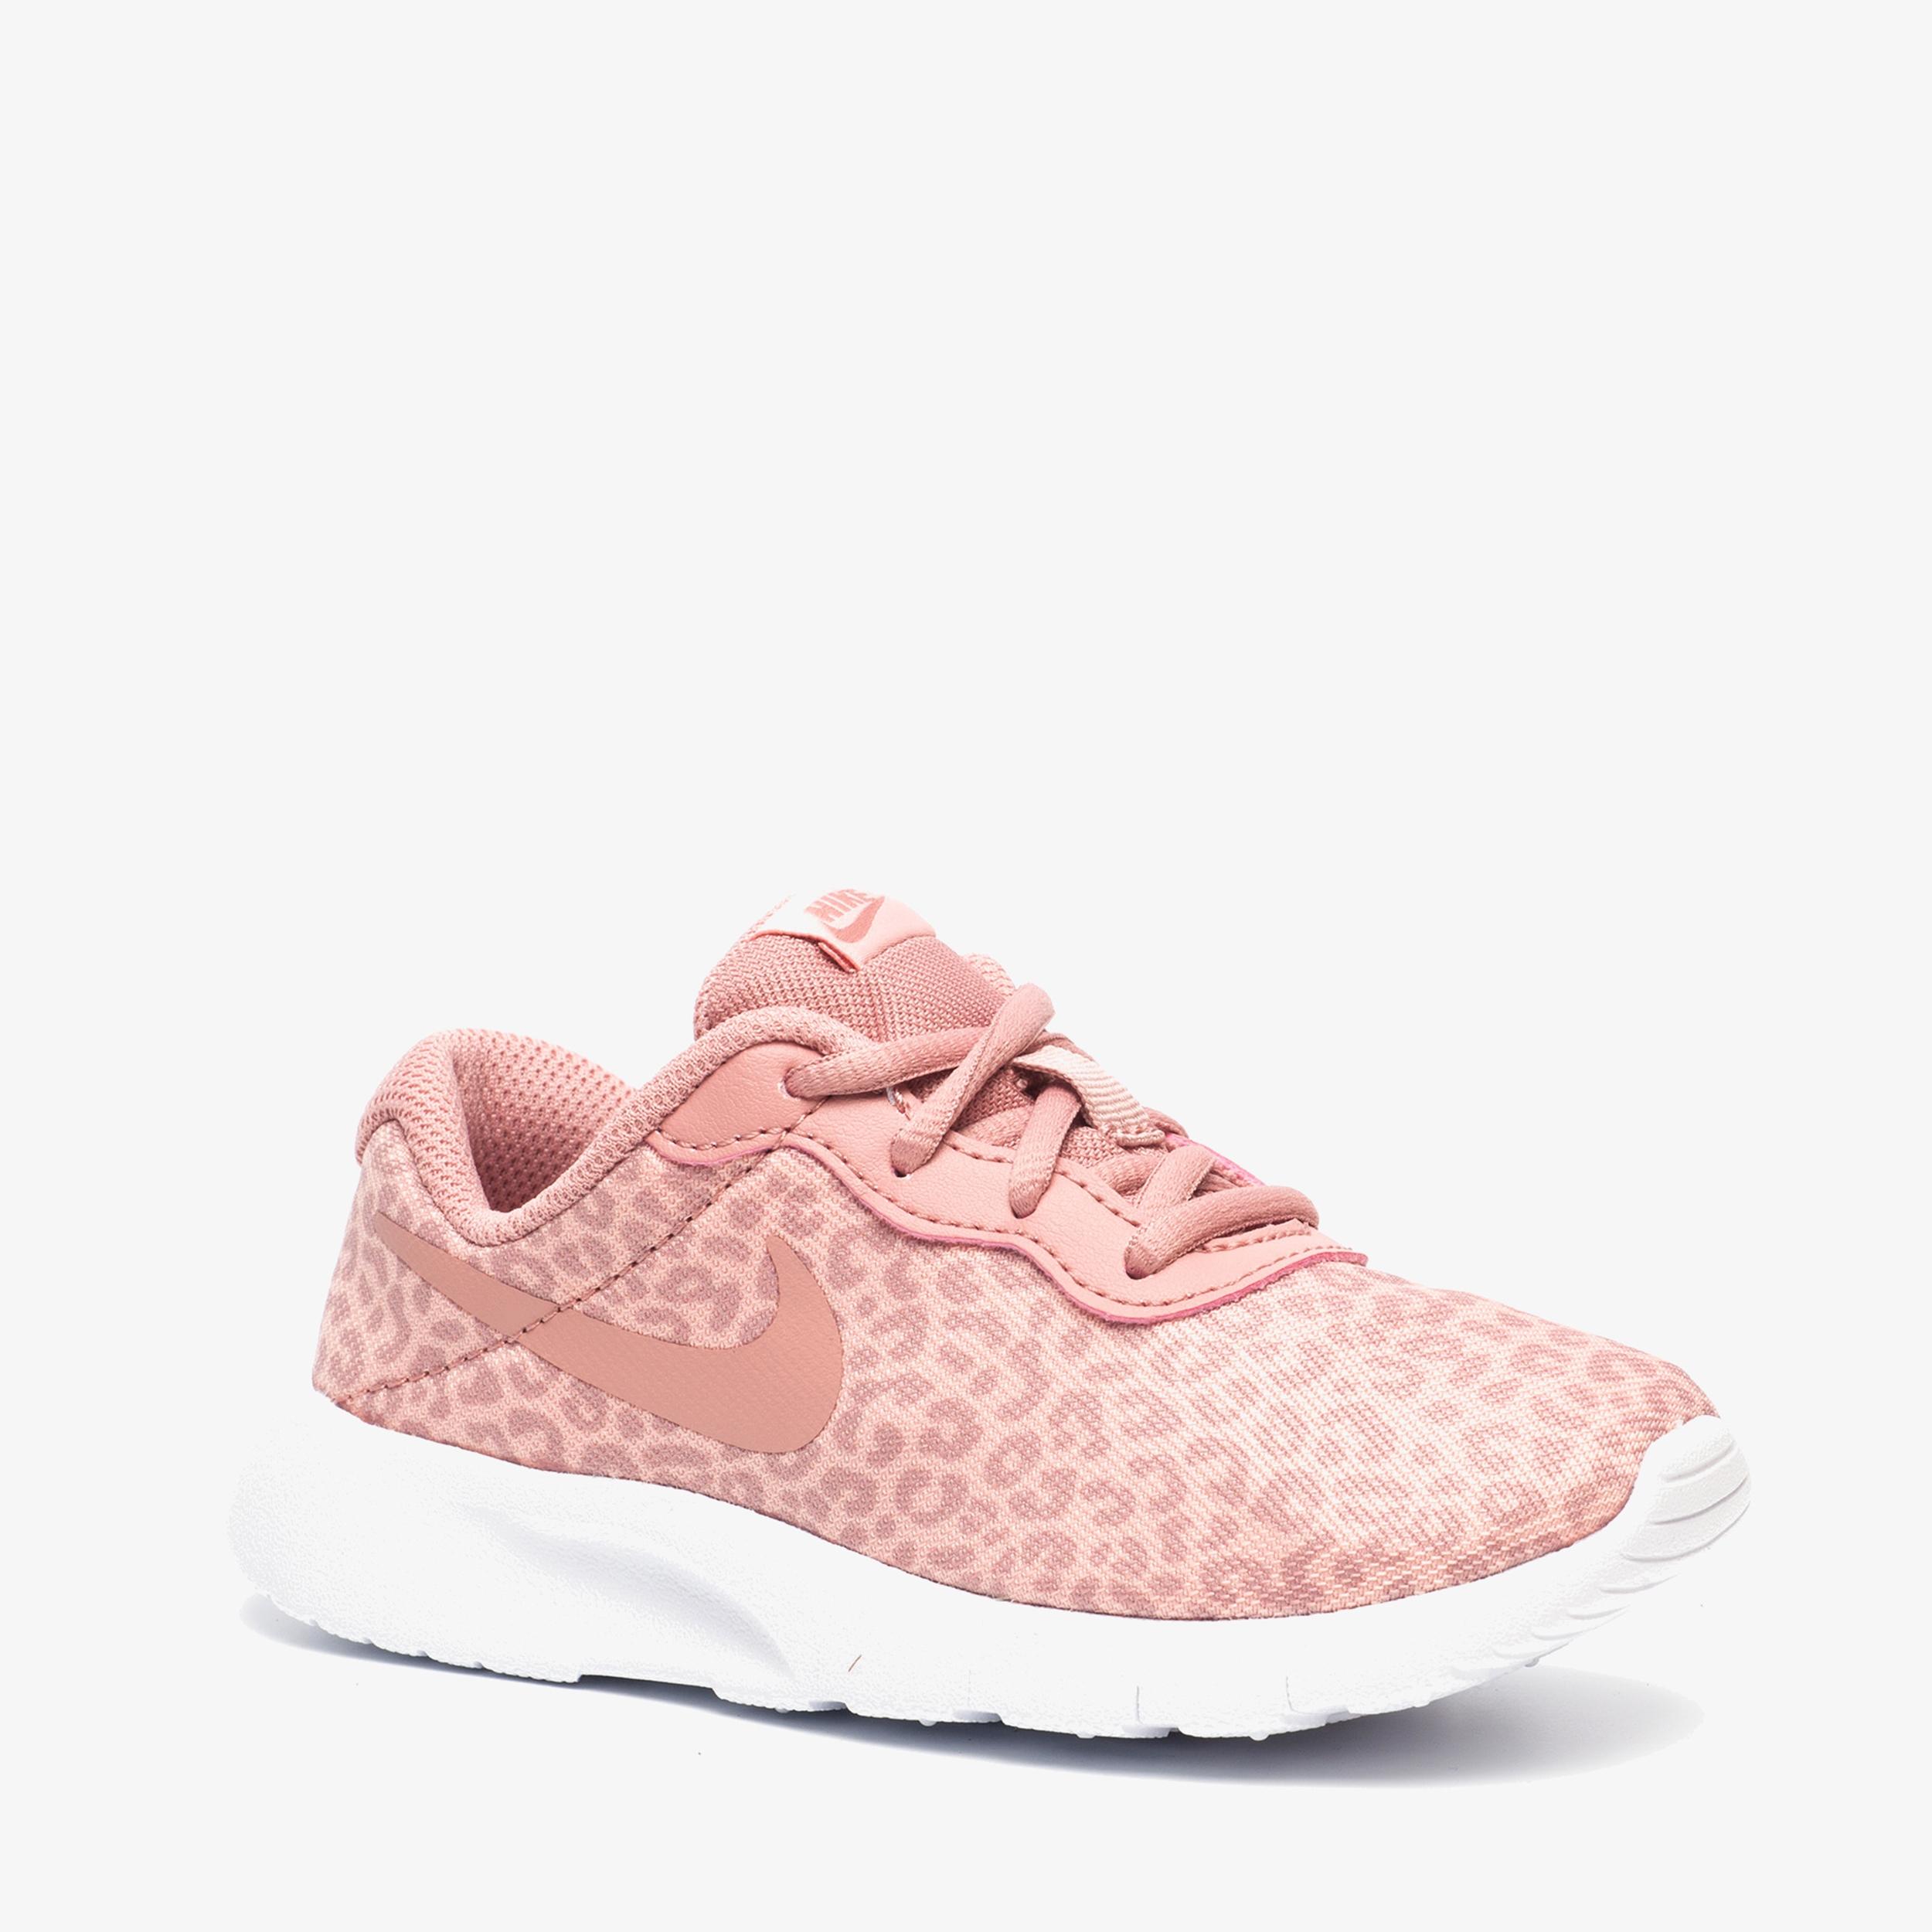 Nike Tanjun meisjes leopard sneakers | Scapino.nl